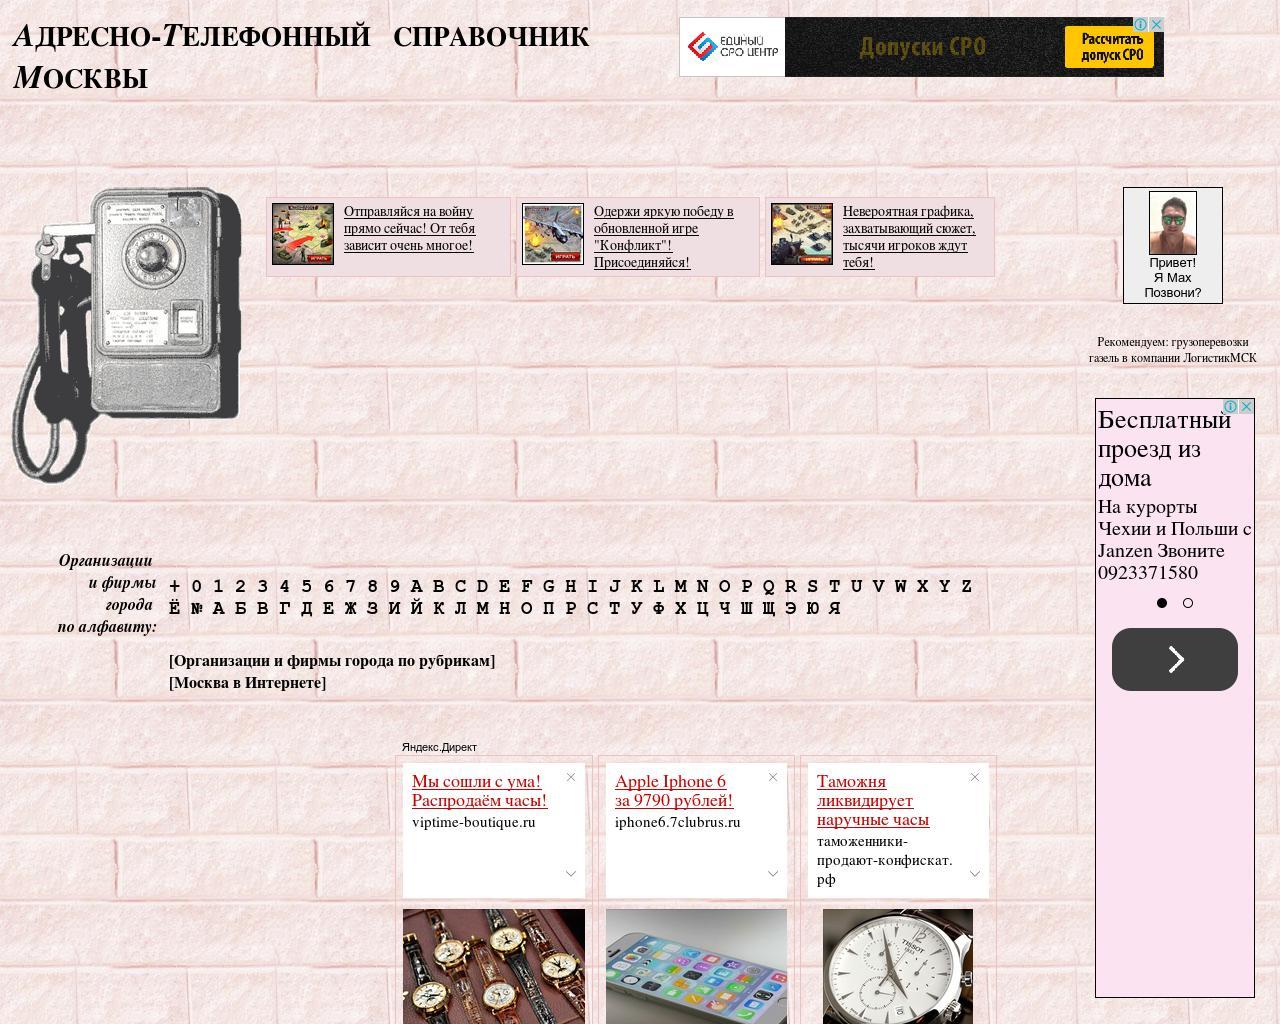 телефонный справочник павлодара 2015